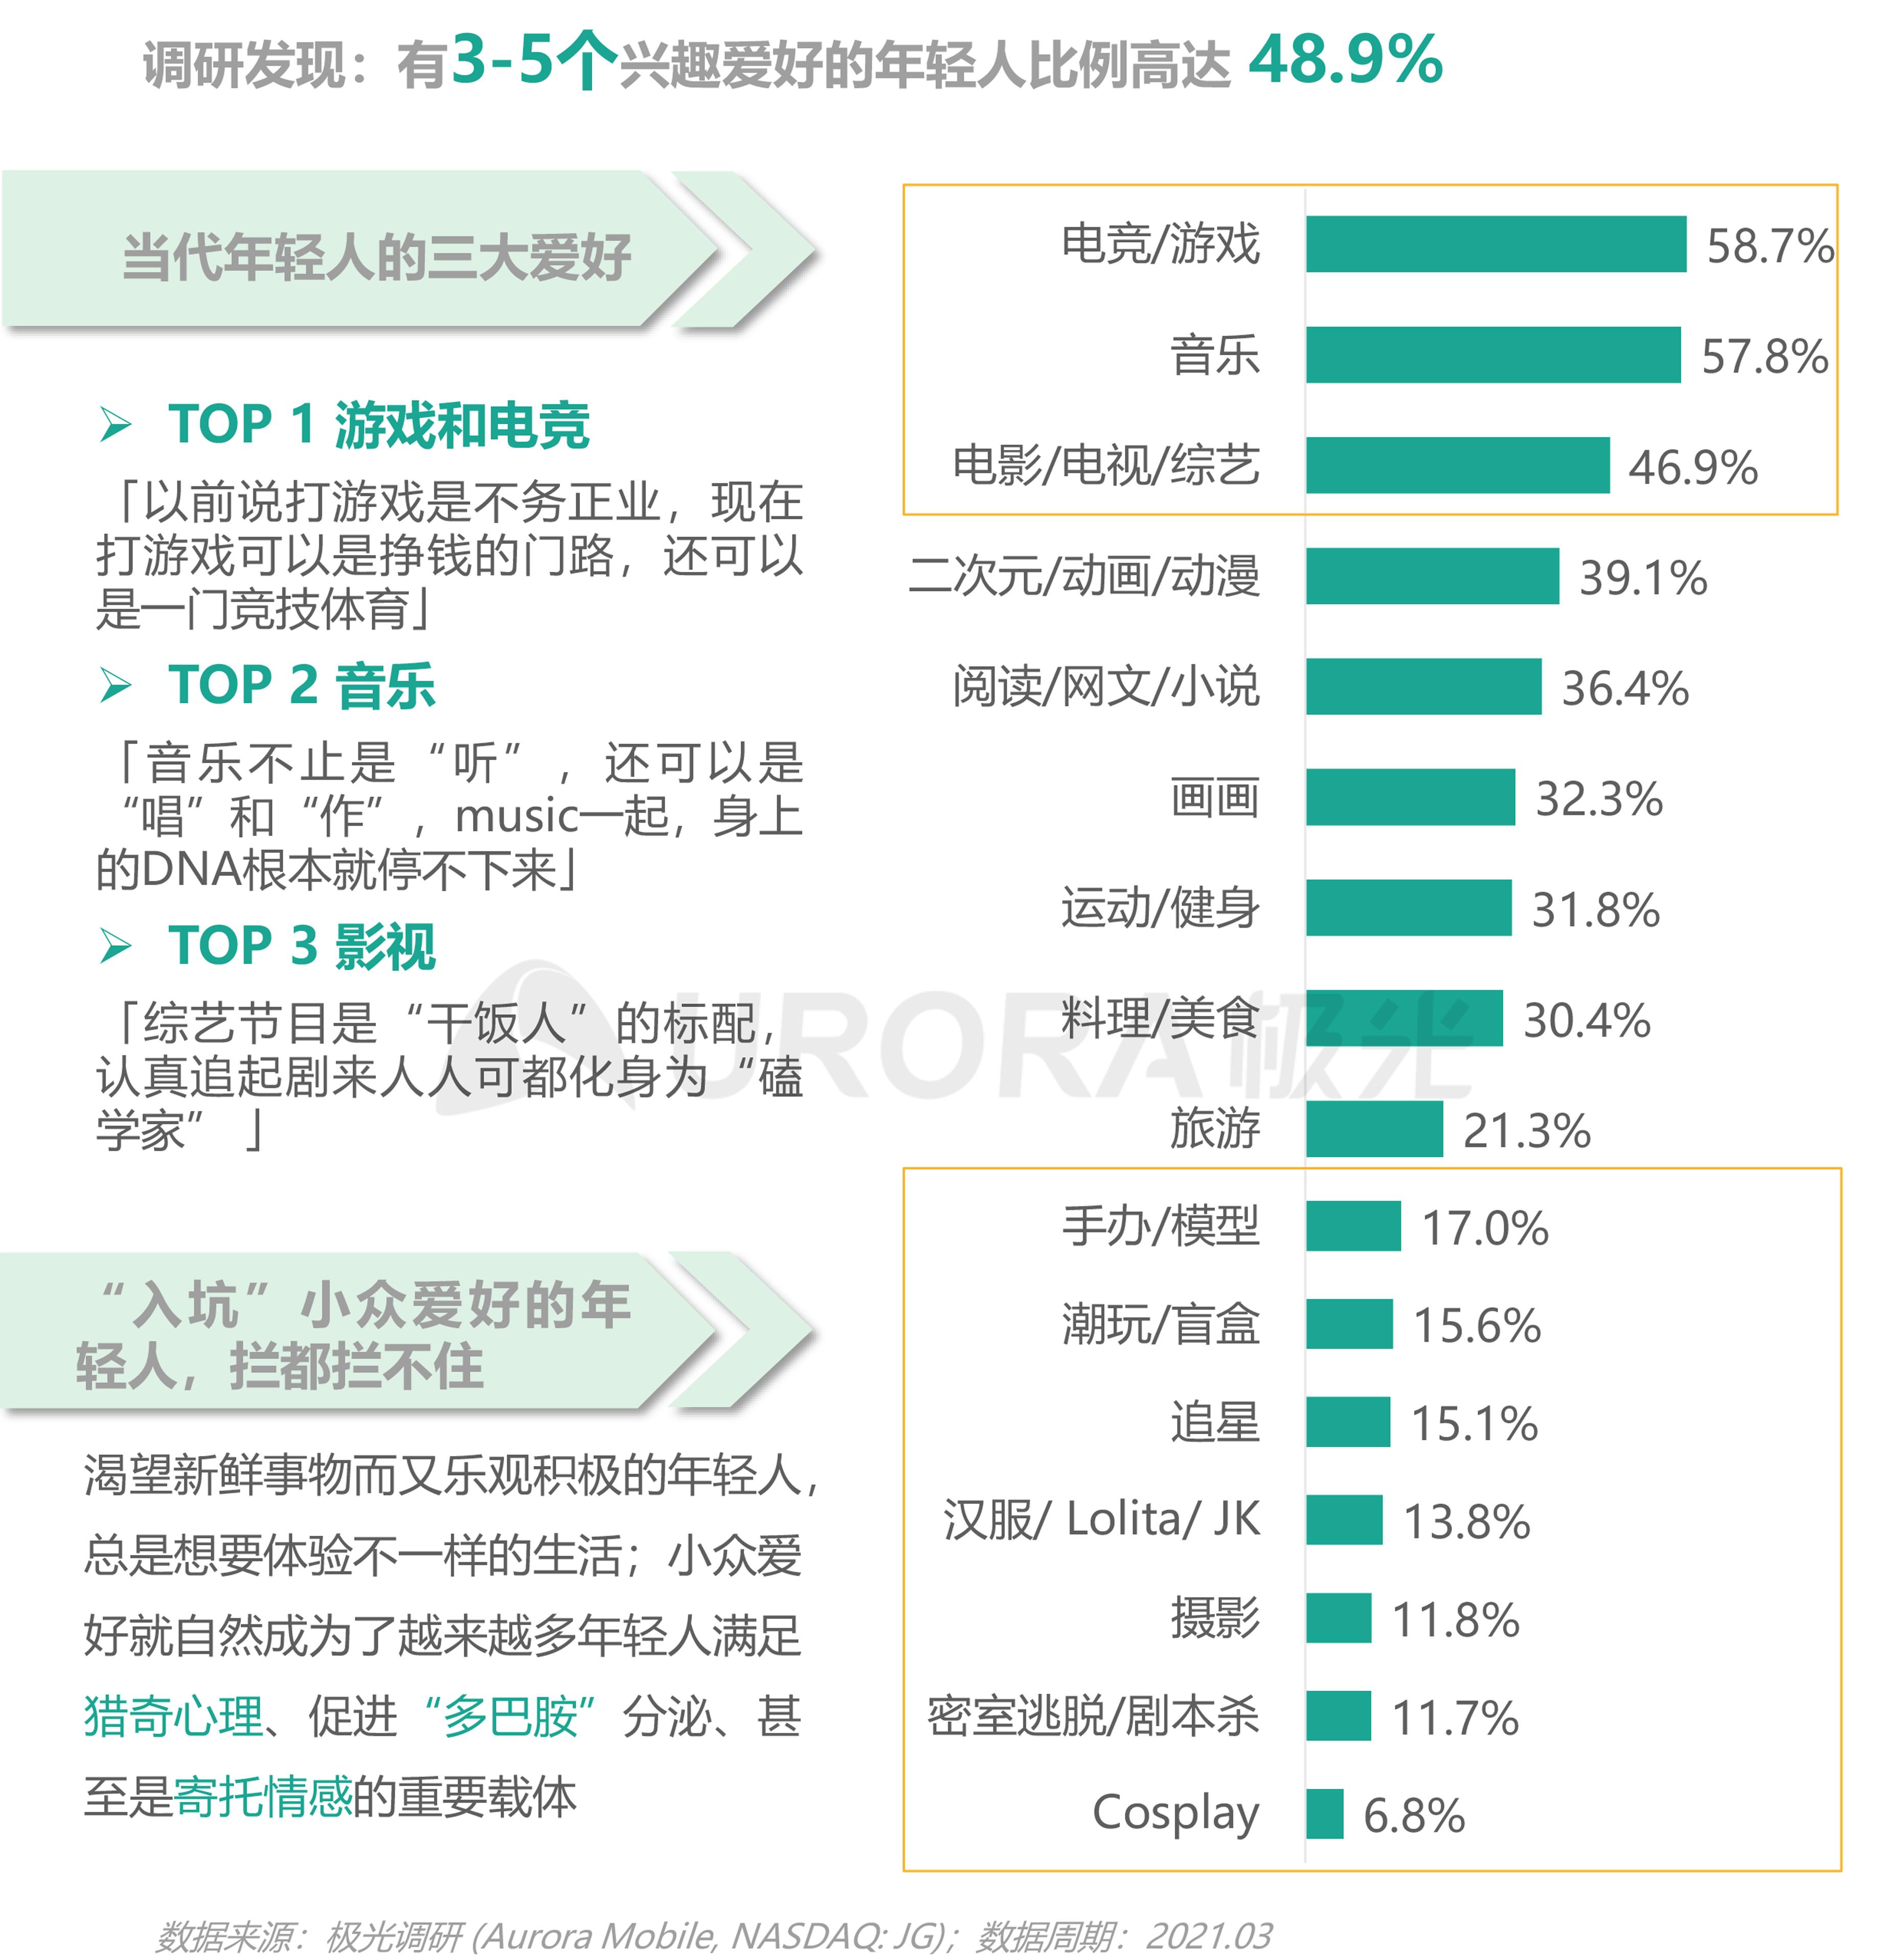 2021年轻人营销趋势研究报告【定稿】-16.png